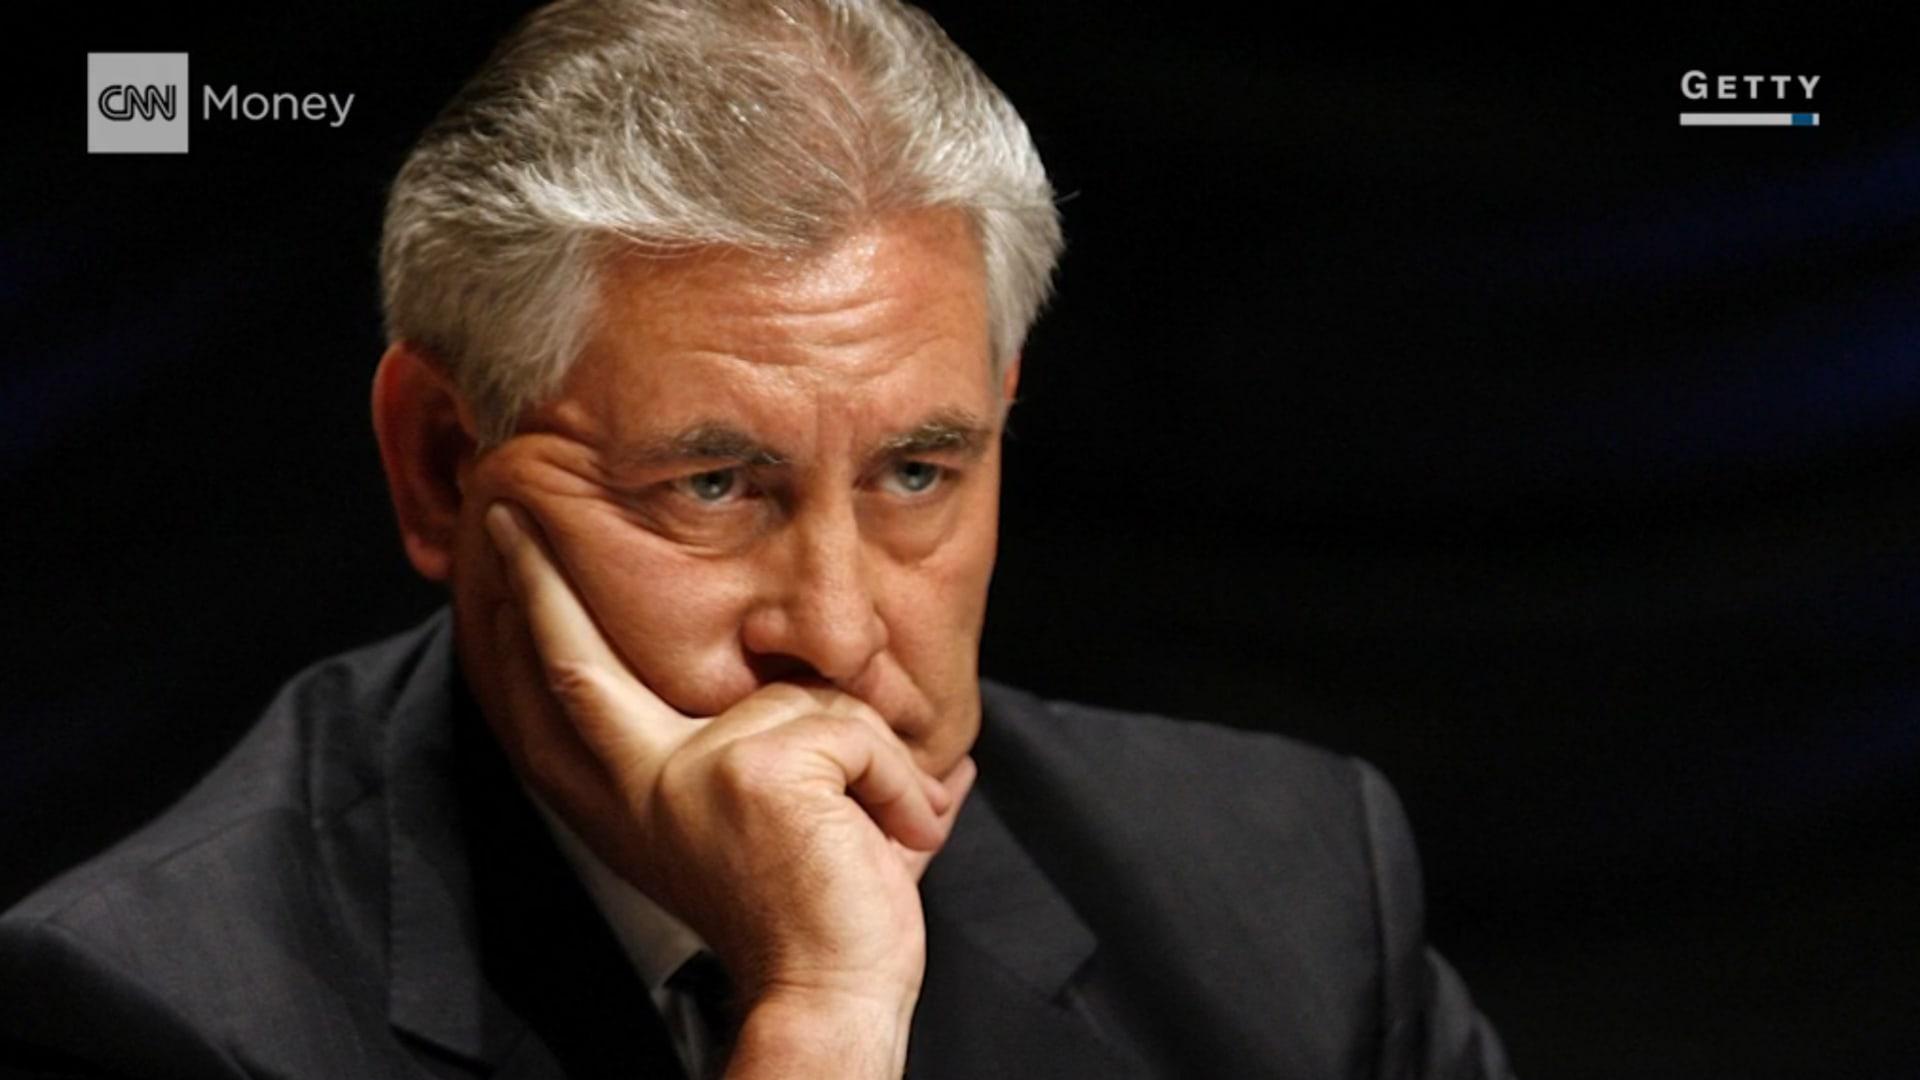 من هو تيليرسون؟ المرشح الأبرز لوزارة الخارجية الأمريكية